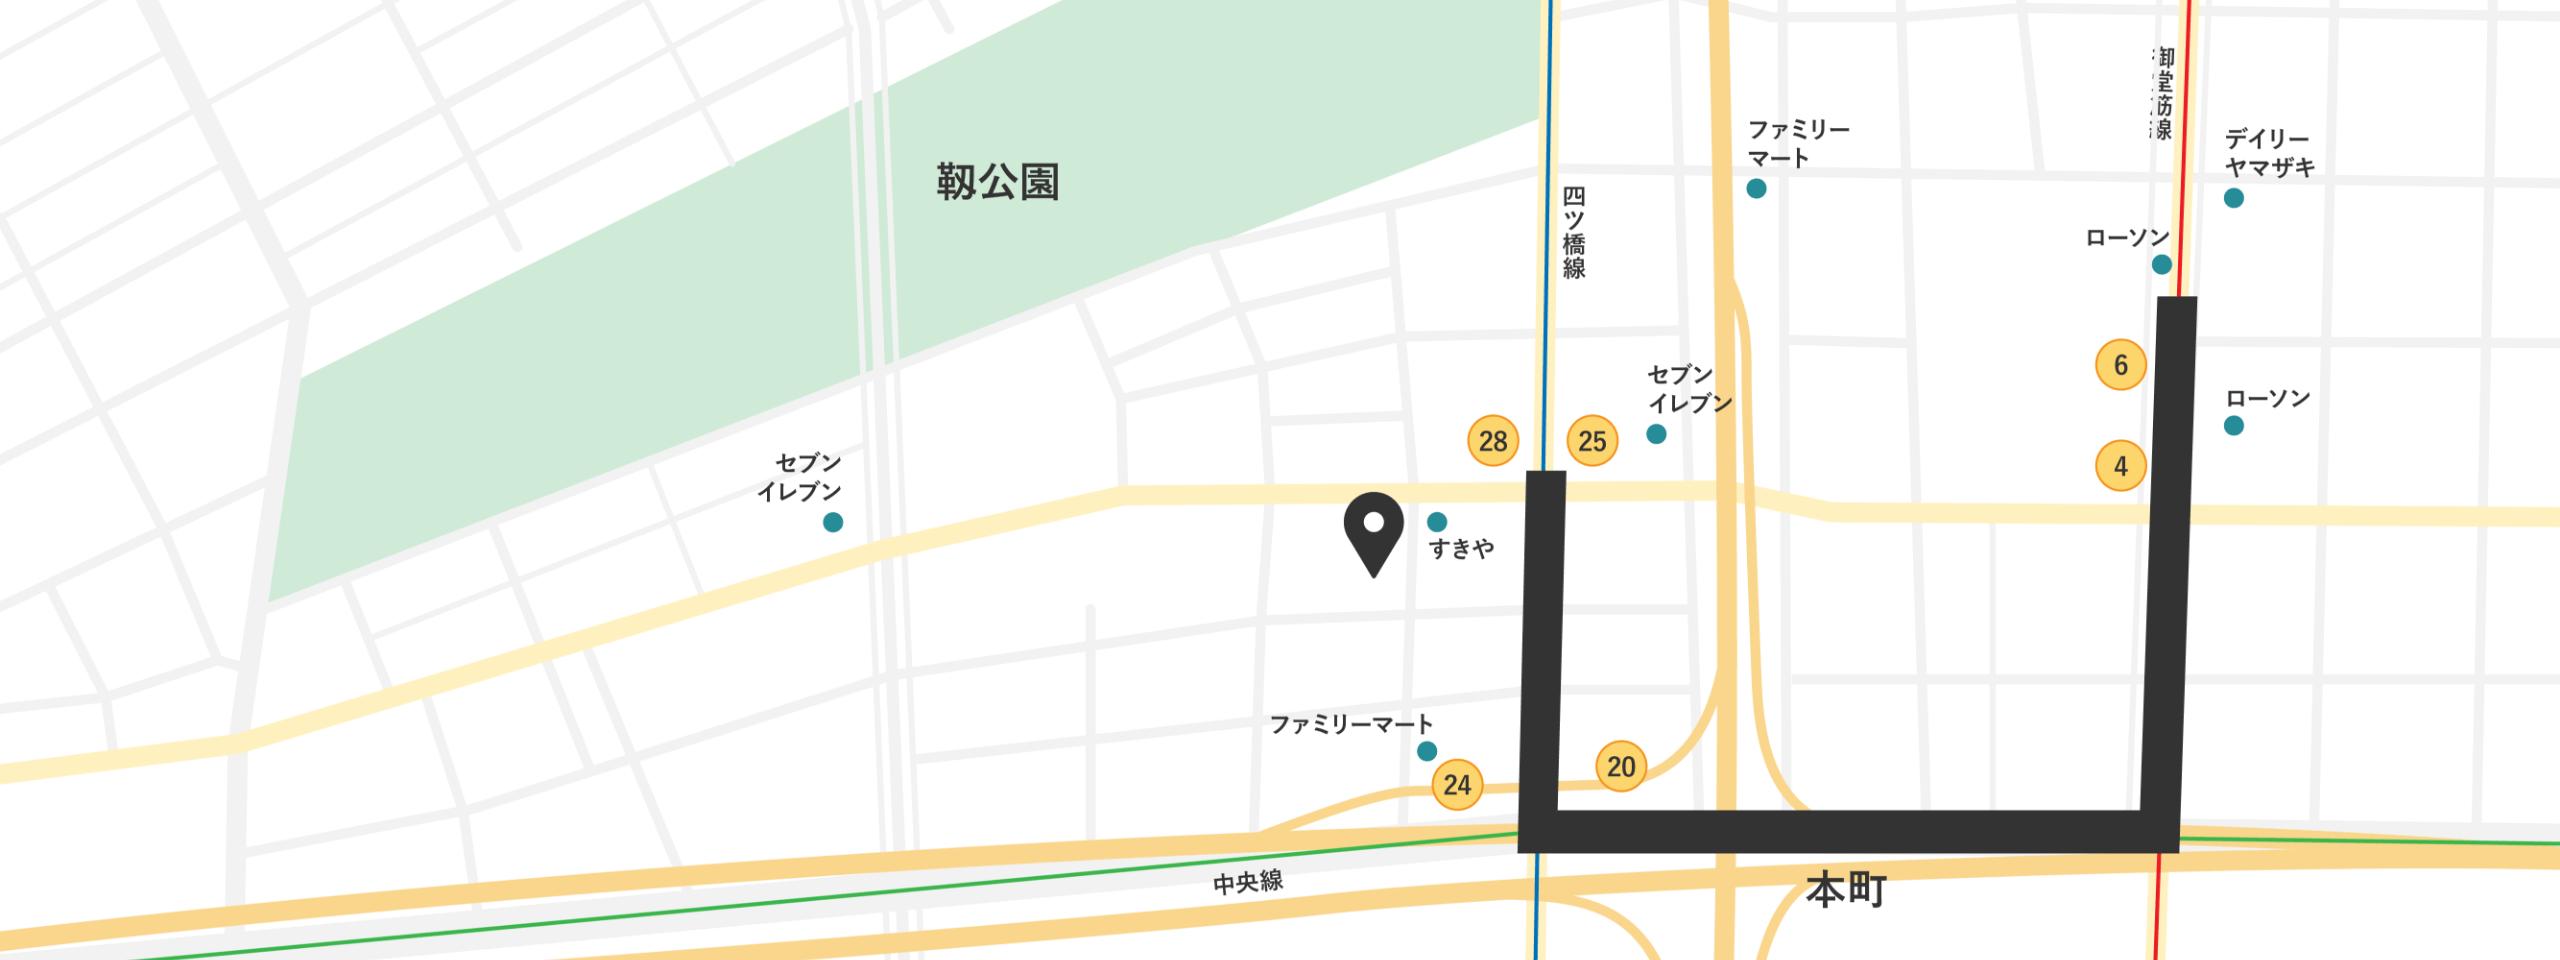 大阪府大阪市西区西本町1-8-2 三晃ビル旧館305号の地図